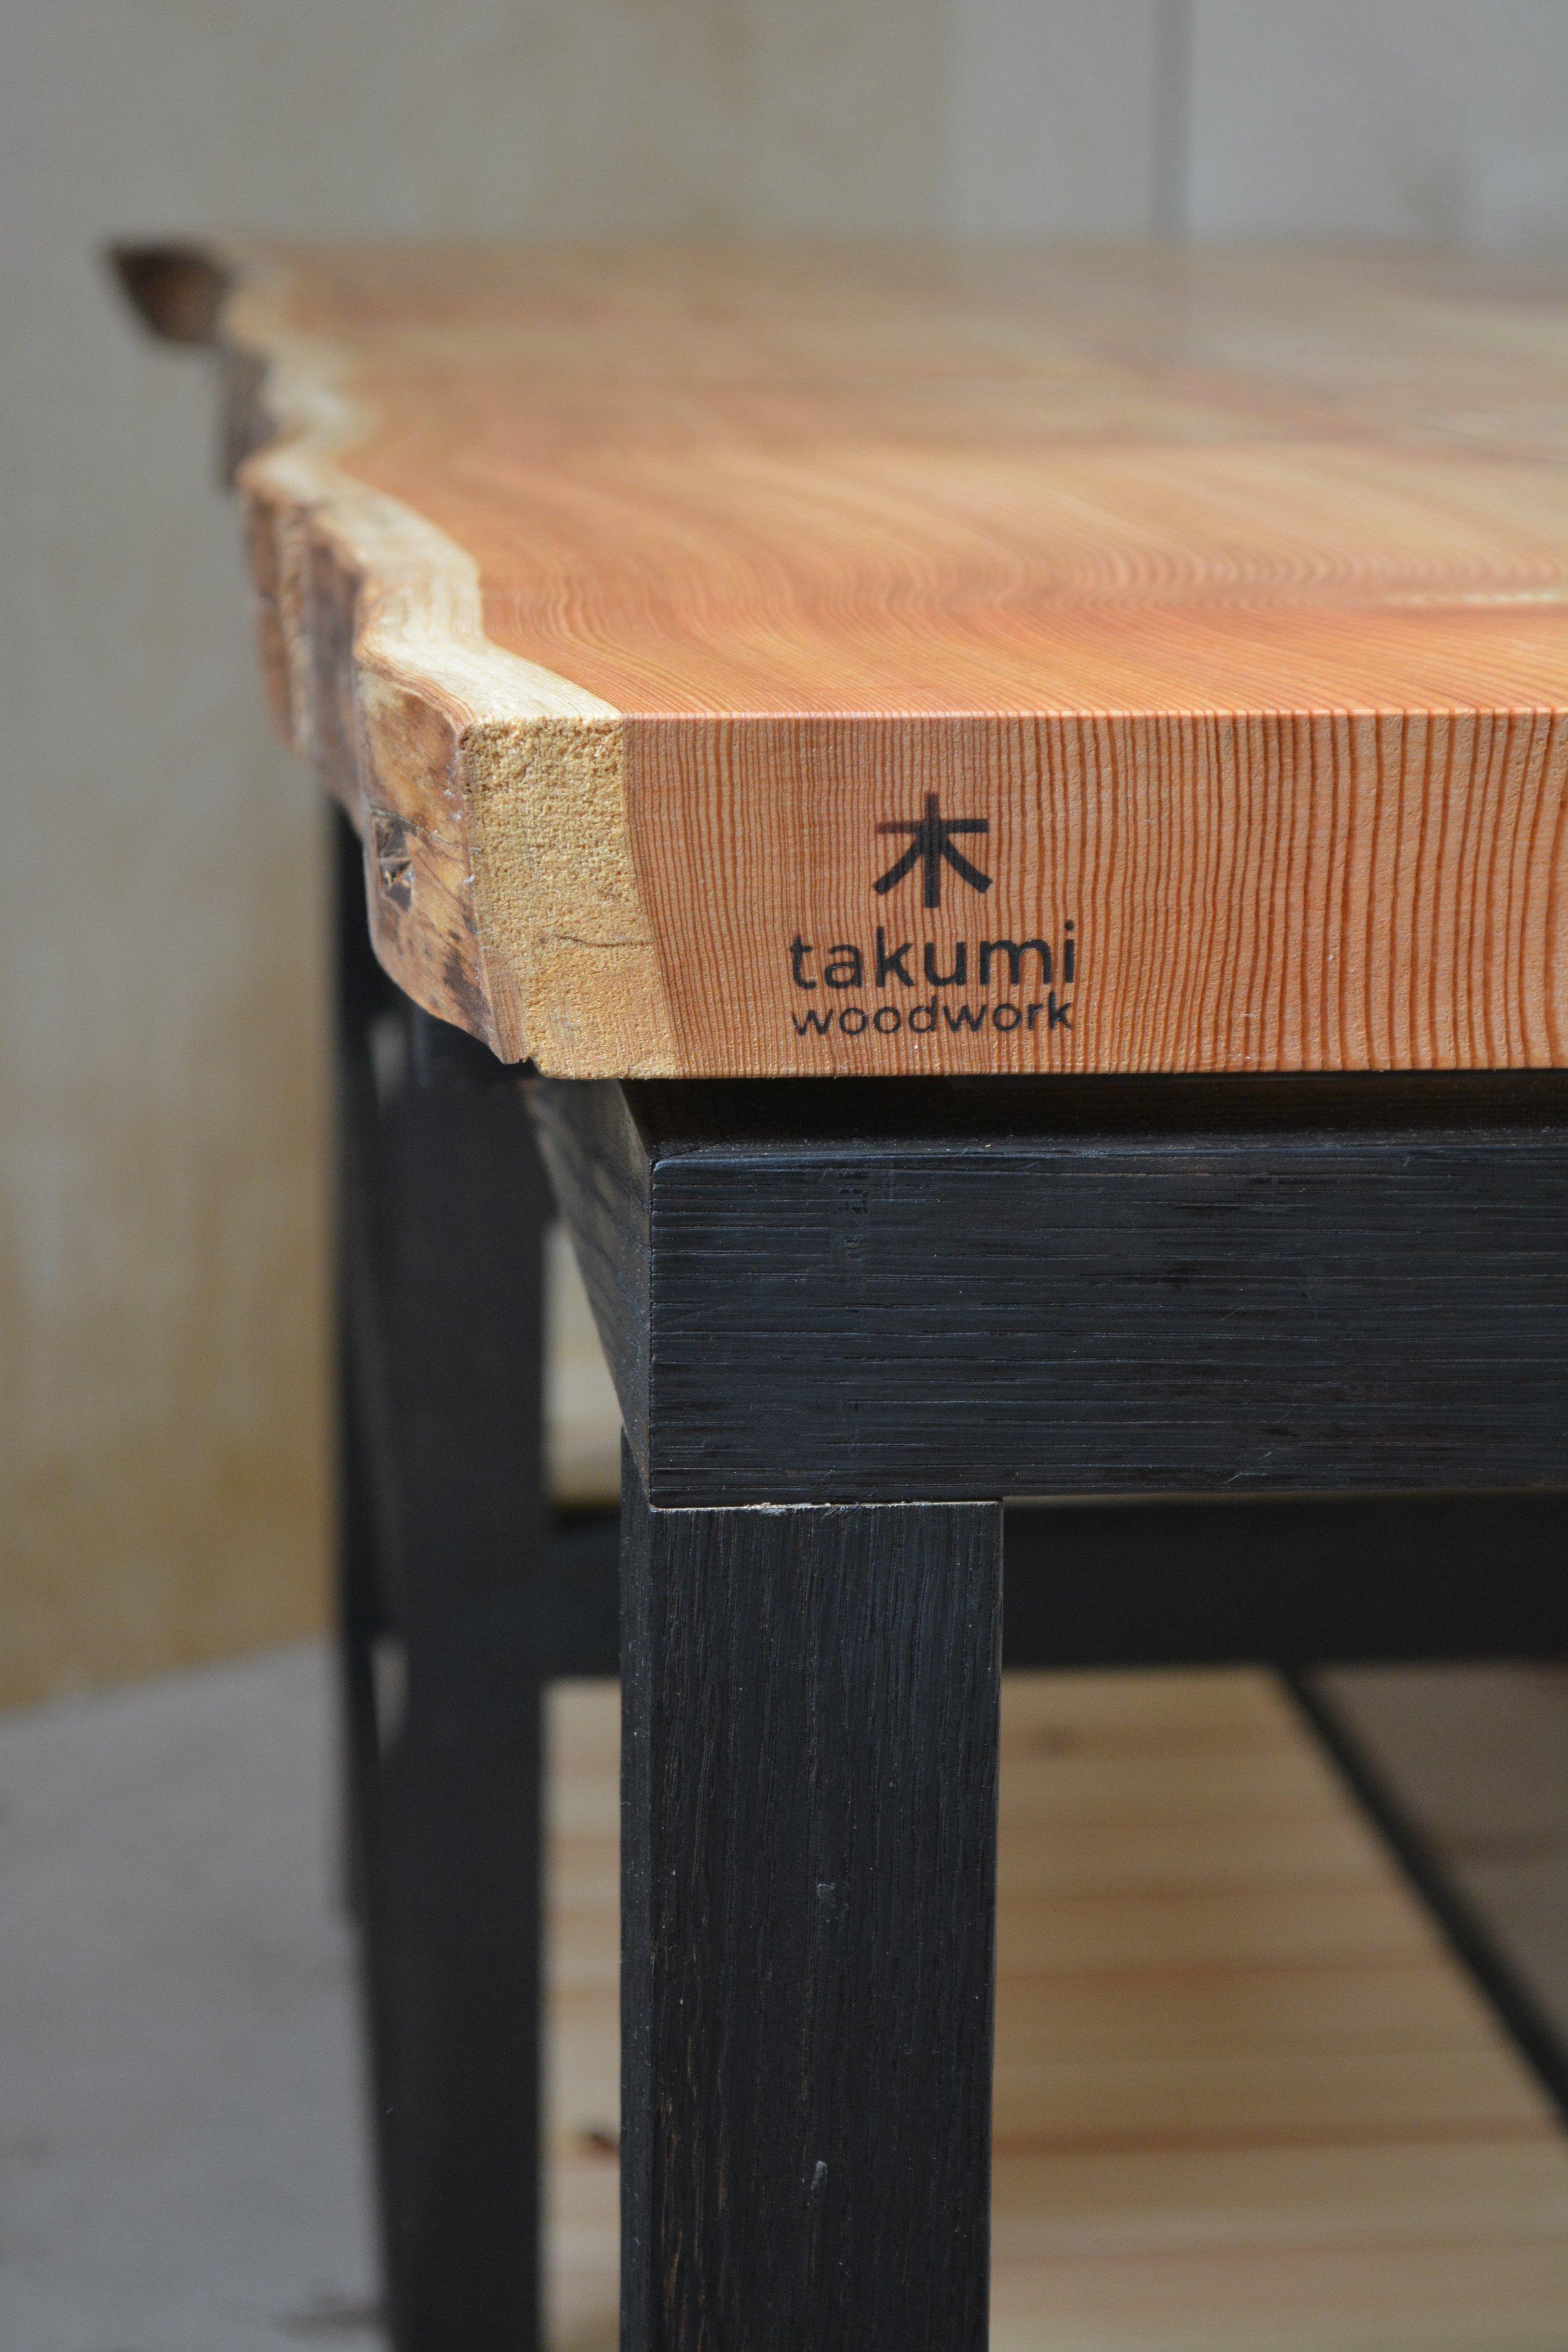 Takumi Woodwork - Larch Kitchen Unit